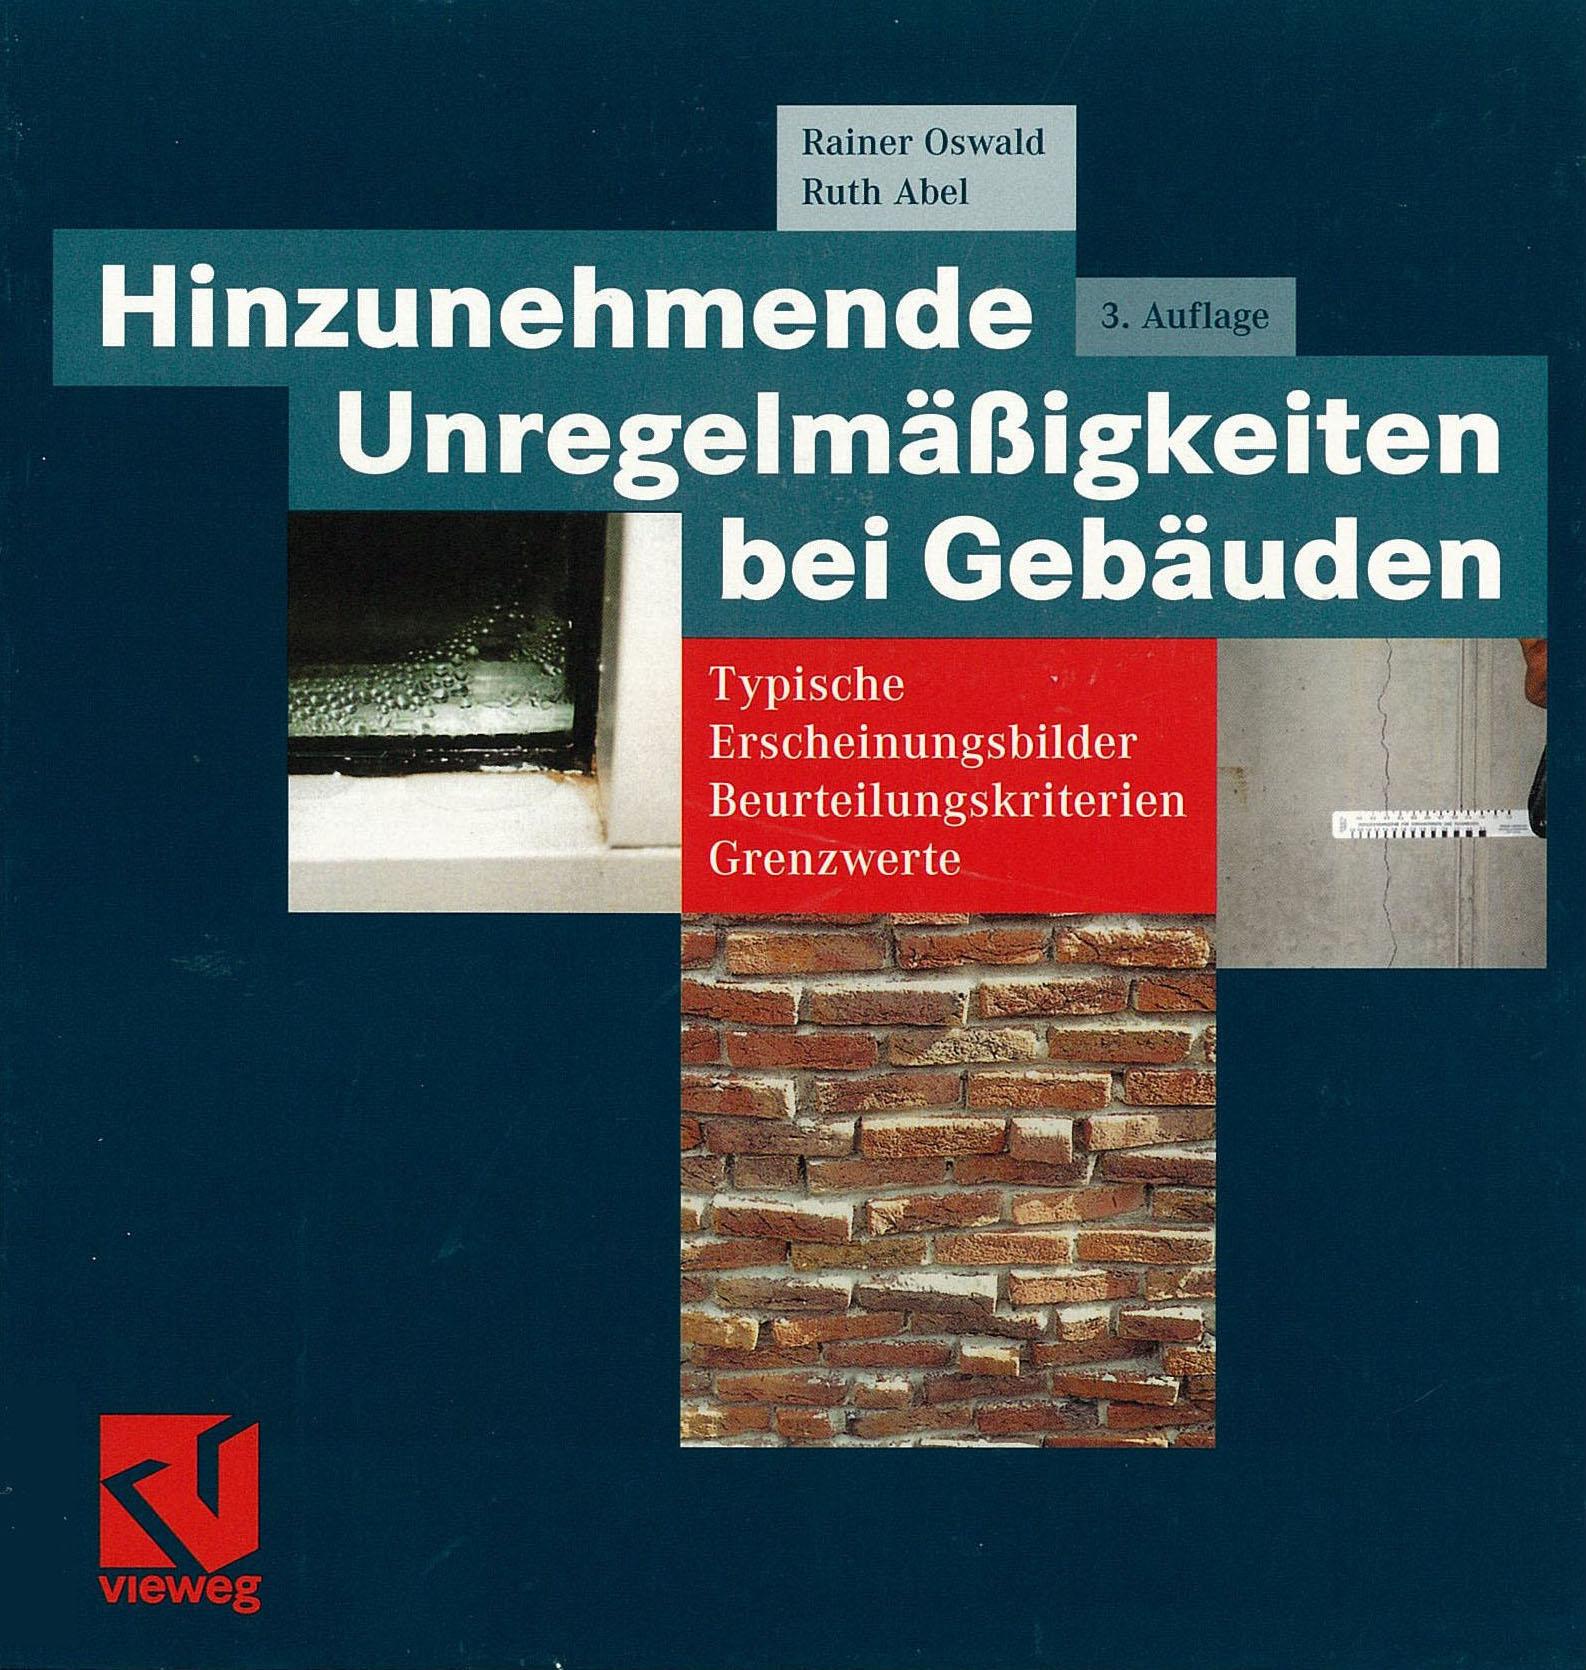 Hinzunehmende Unregelmäßigkeiten bei Gebäuden – Typische Erscheinungsbilder, Beurteilungskriterien und Grenzwerte